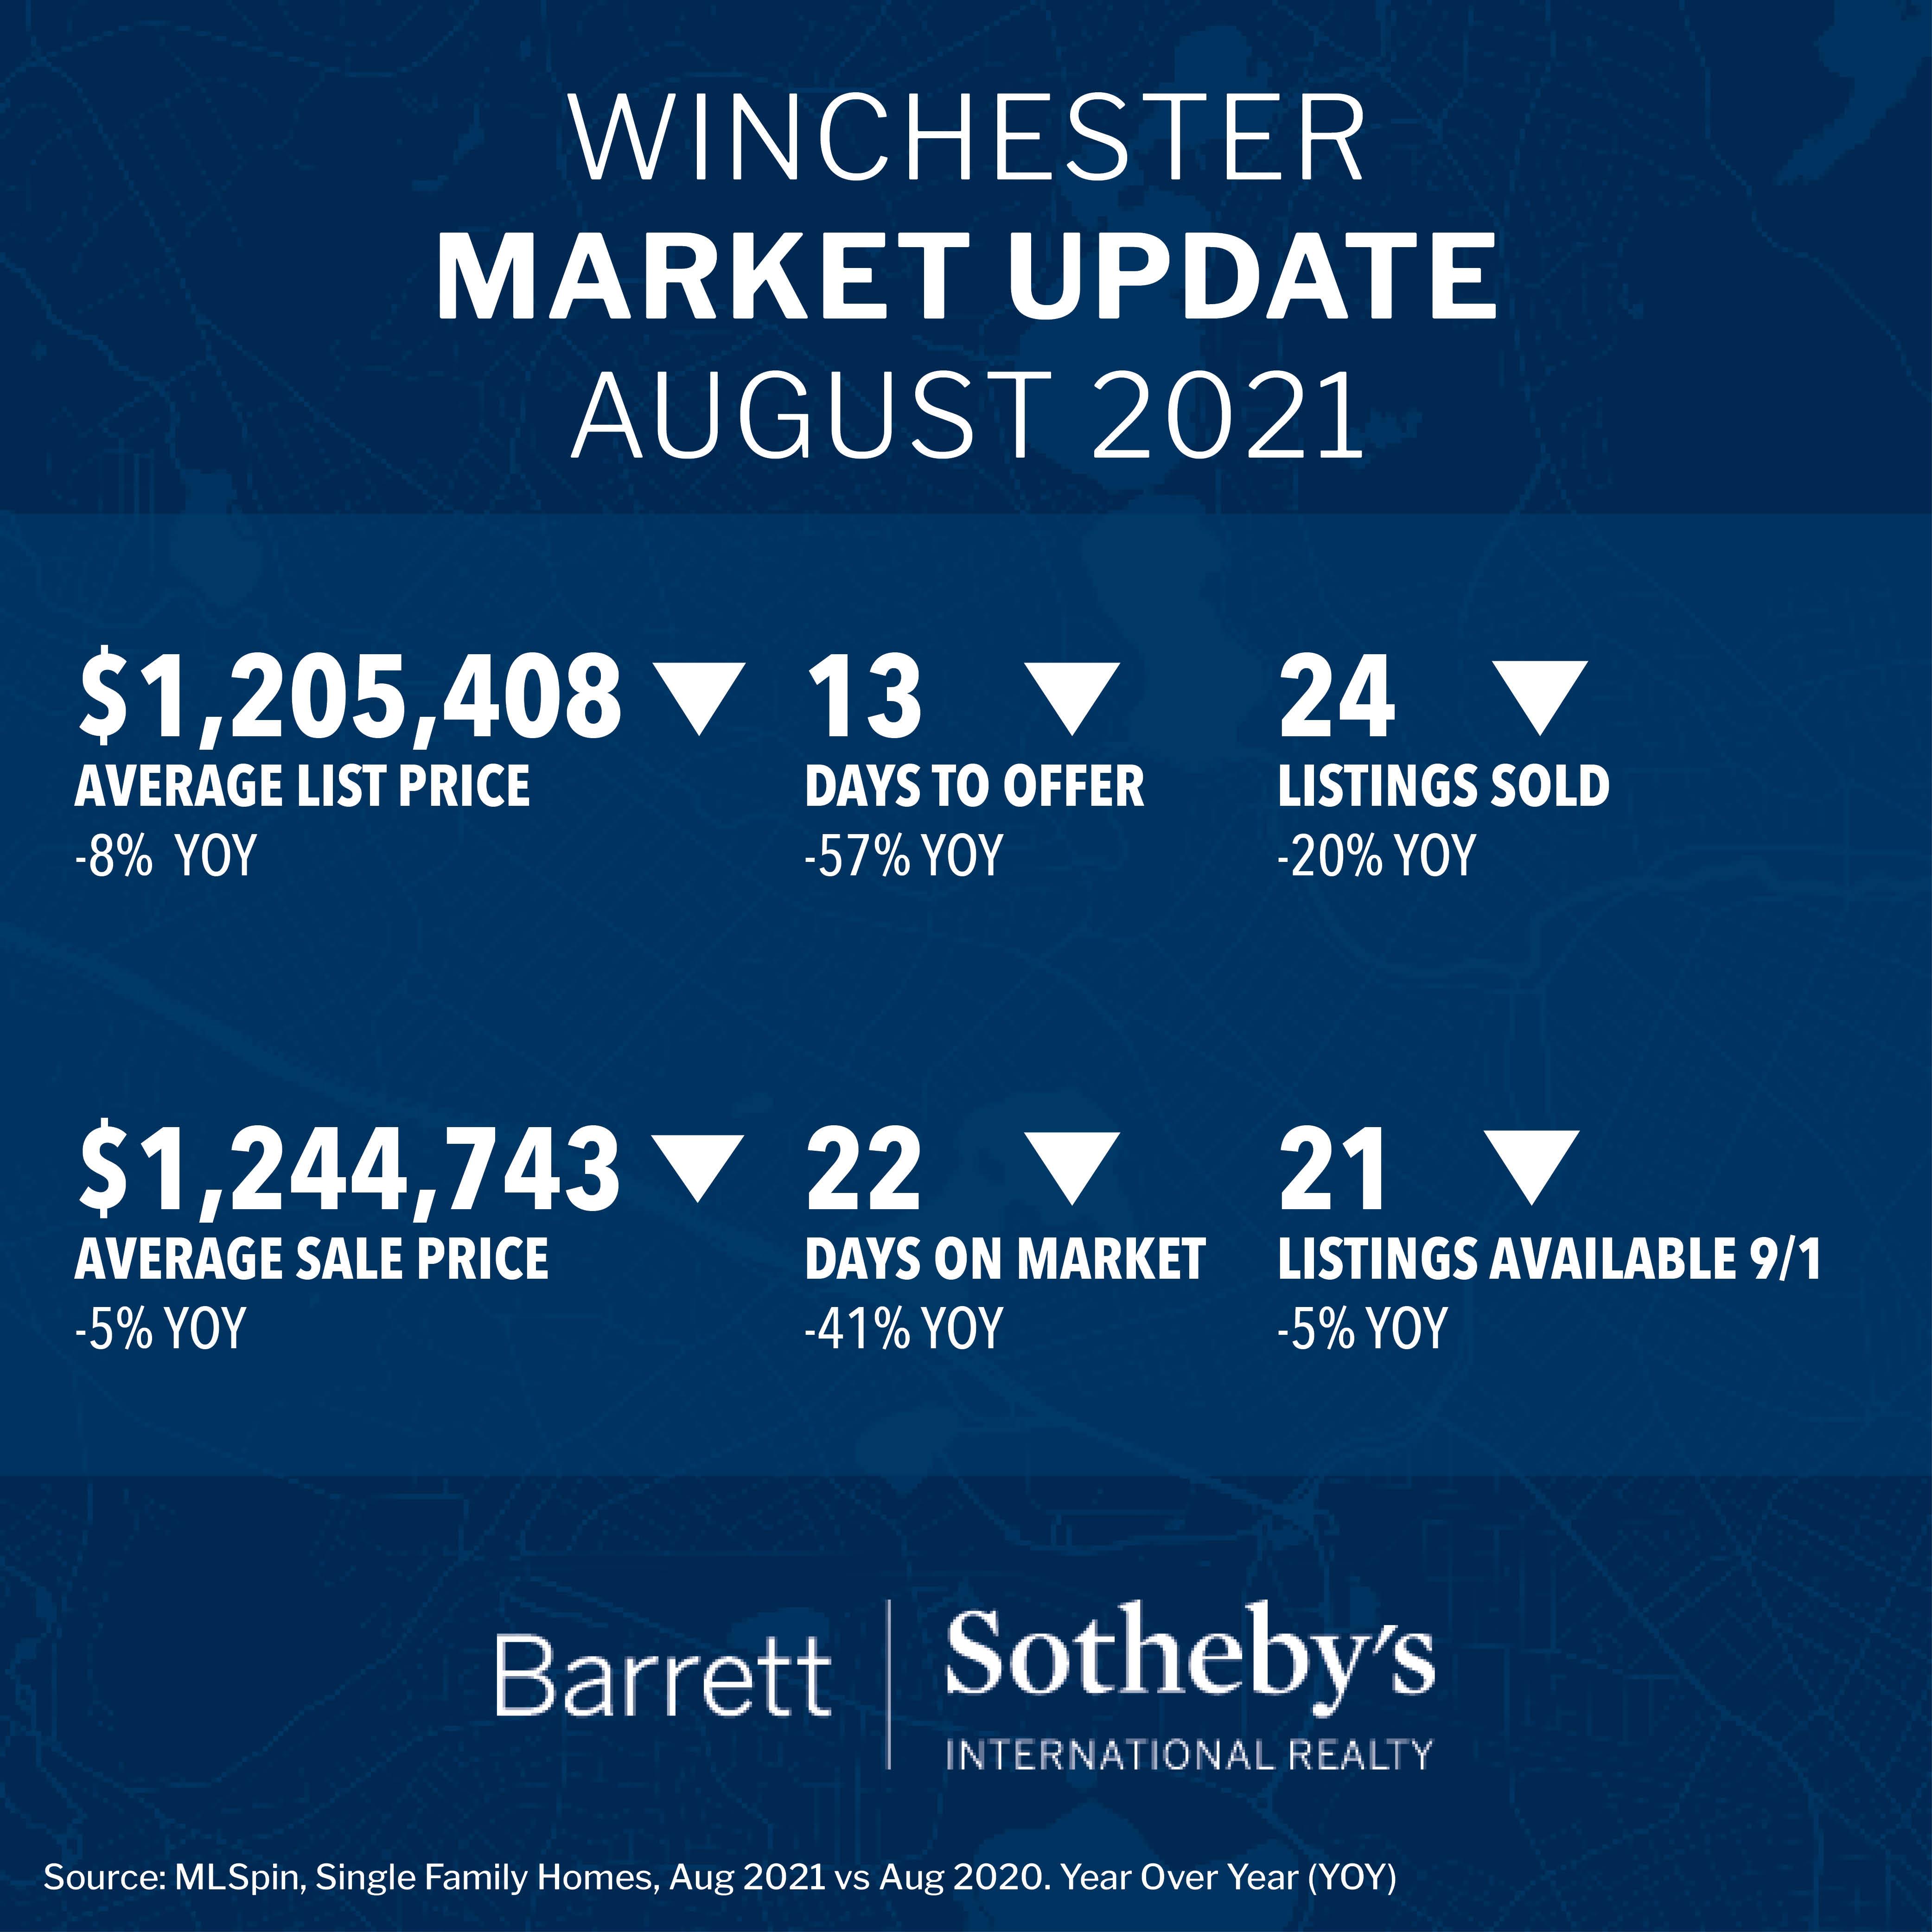 Winchester Market Update August 2021